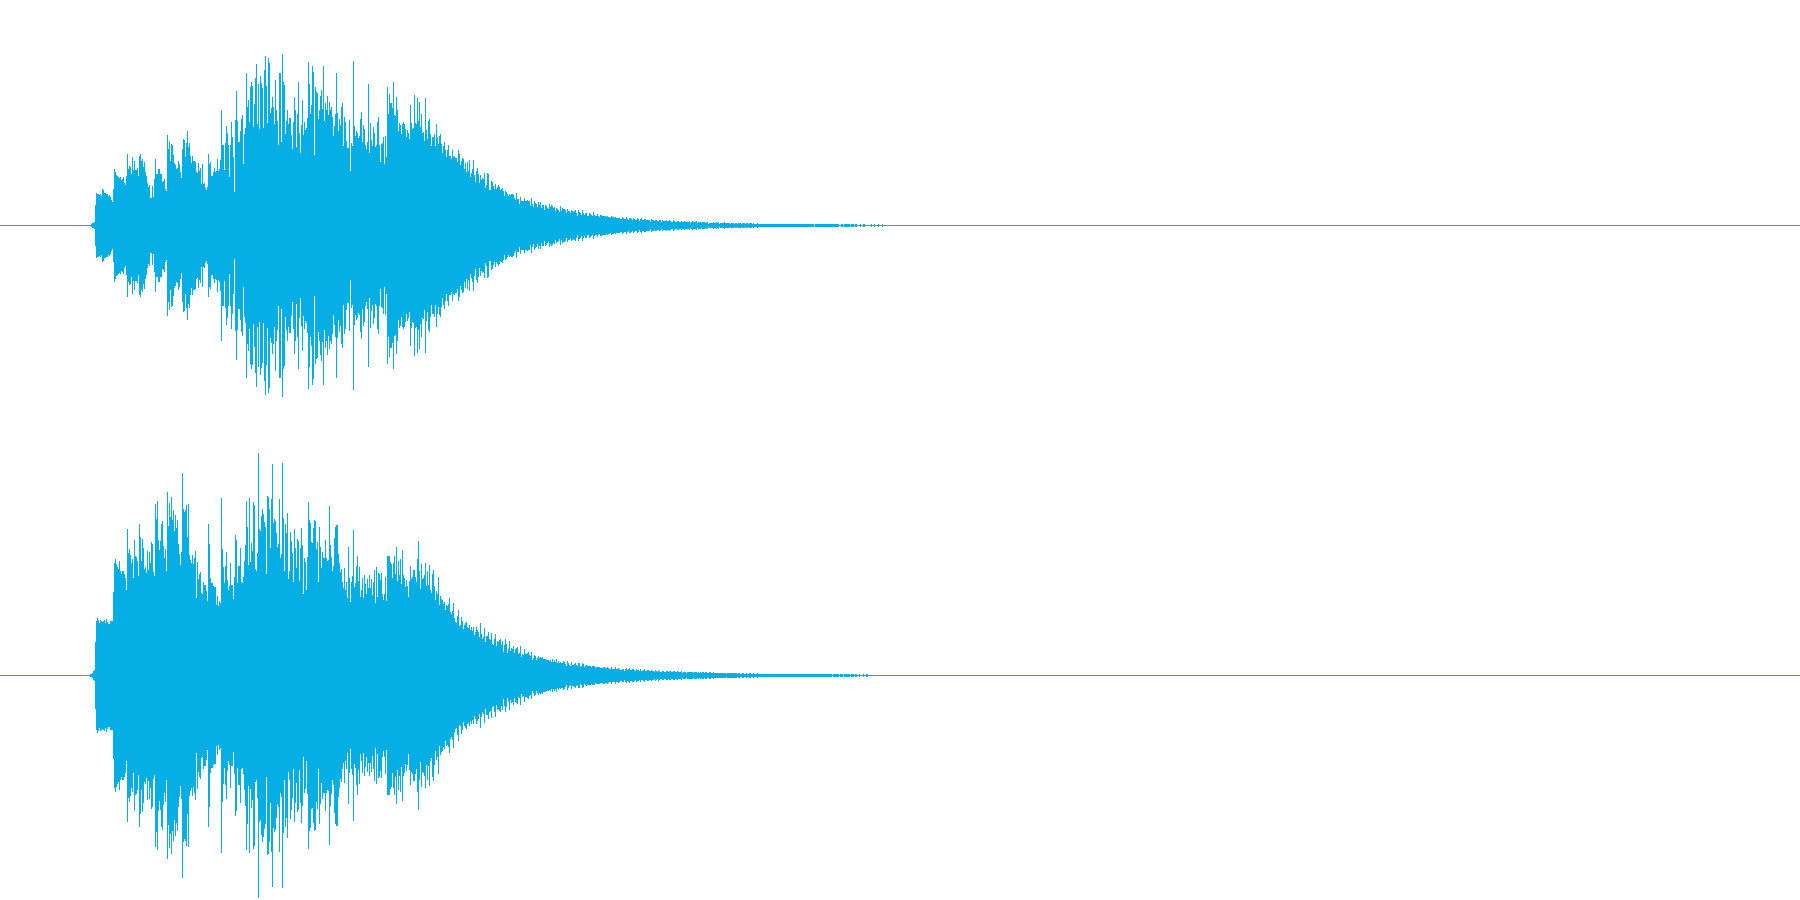 キラキラ、ピロピロ 上昇音の再生済みの波形